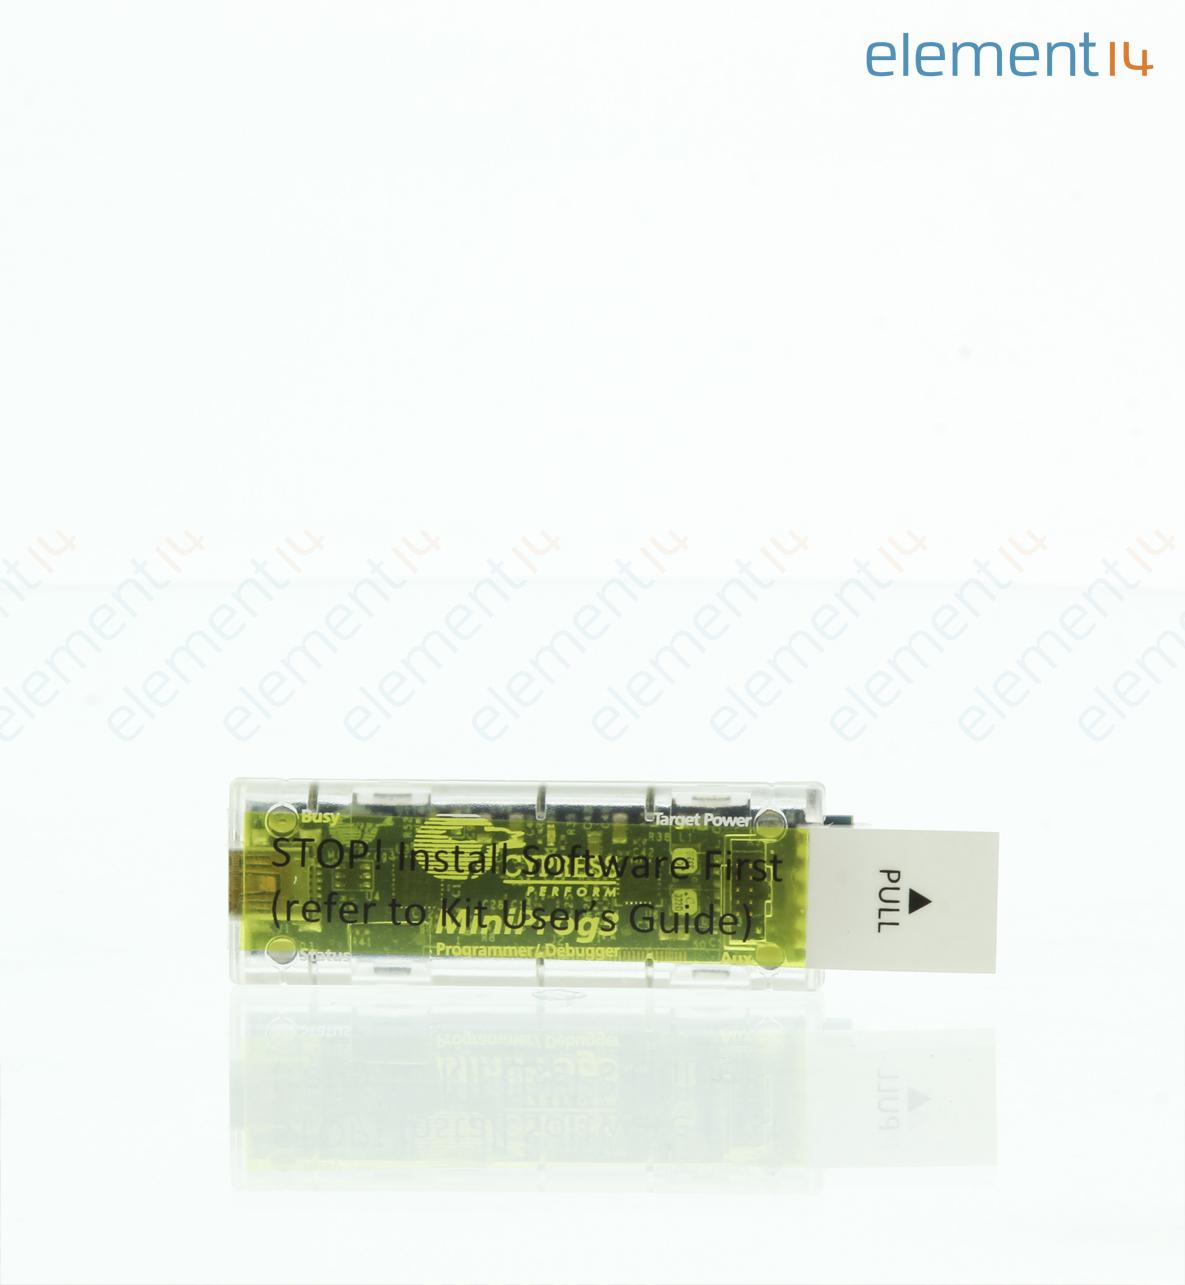 Cy8ckit 002 Cypress Semiconductor Miniprog3 Program Debug Kit Usb Cable Schematic Psoc 10 Pin Jtag Header Ribbon